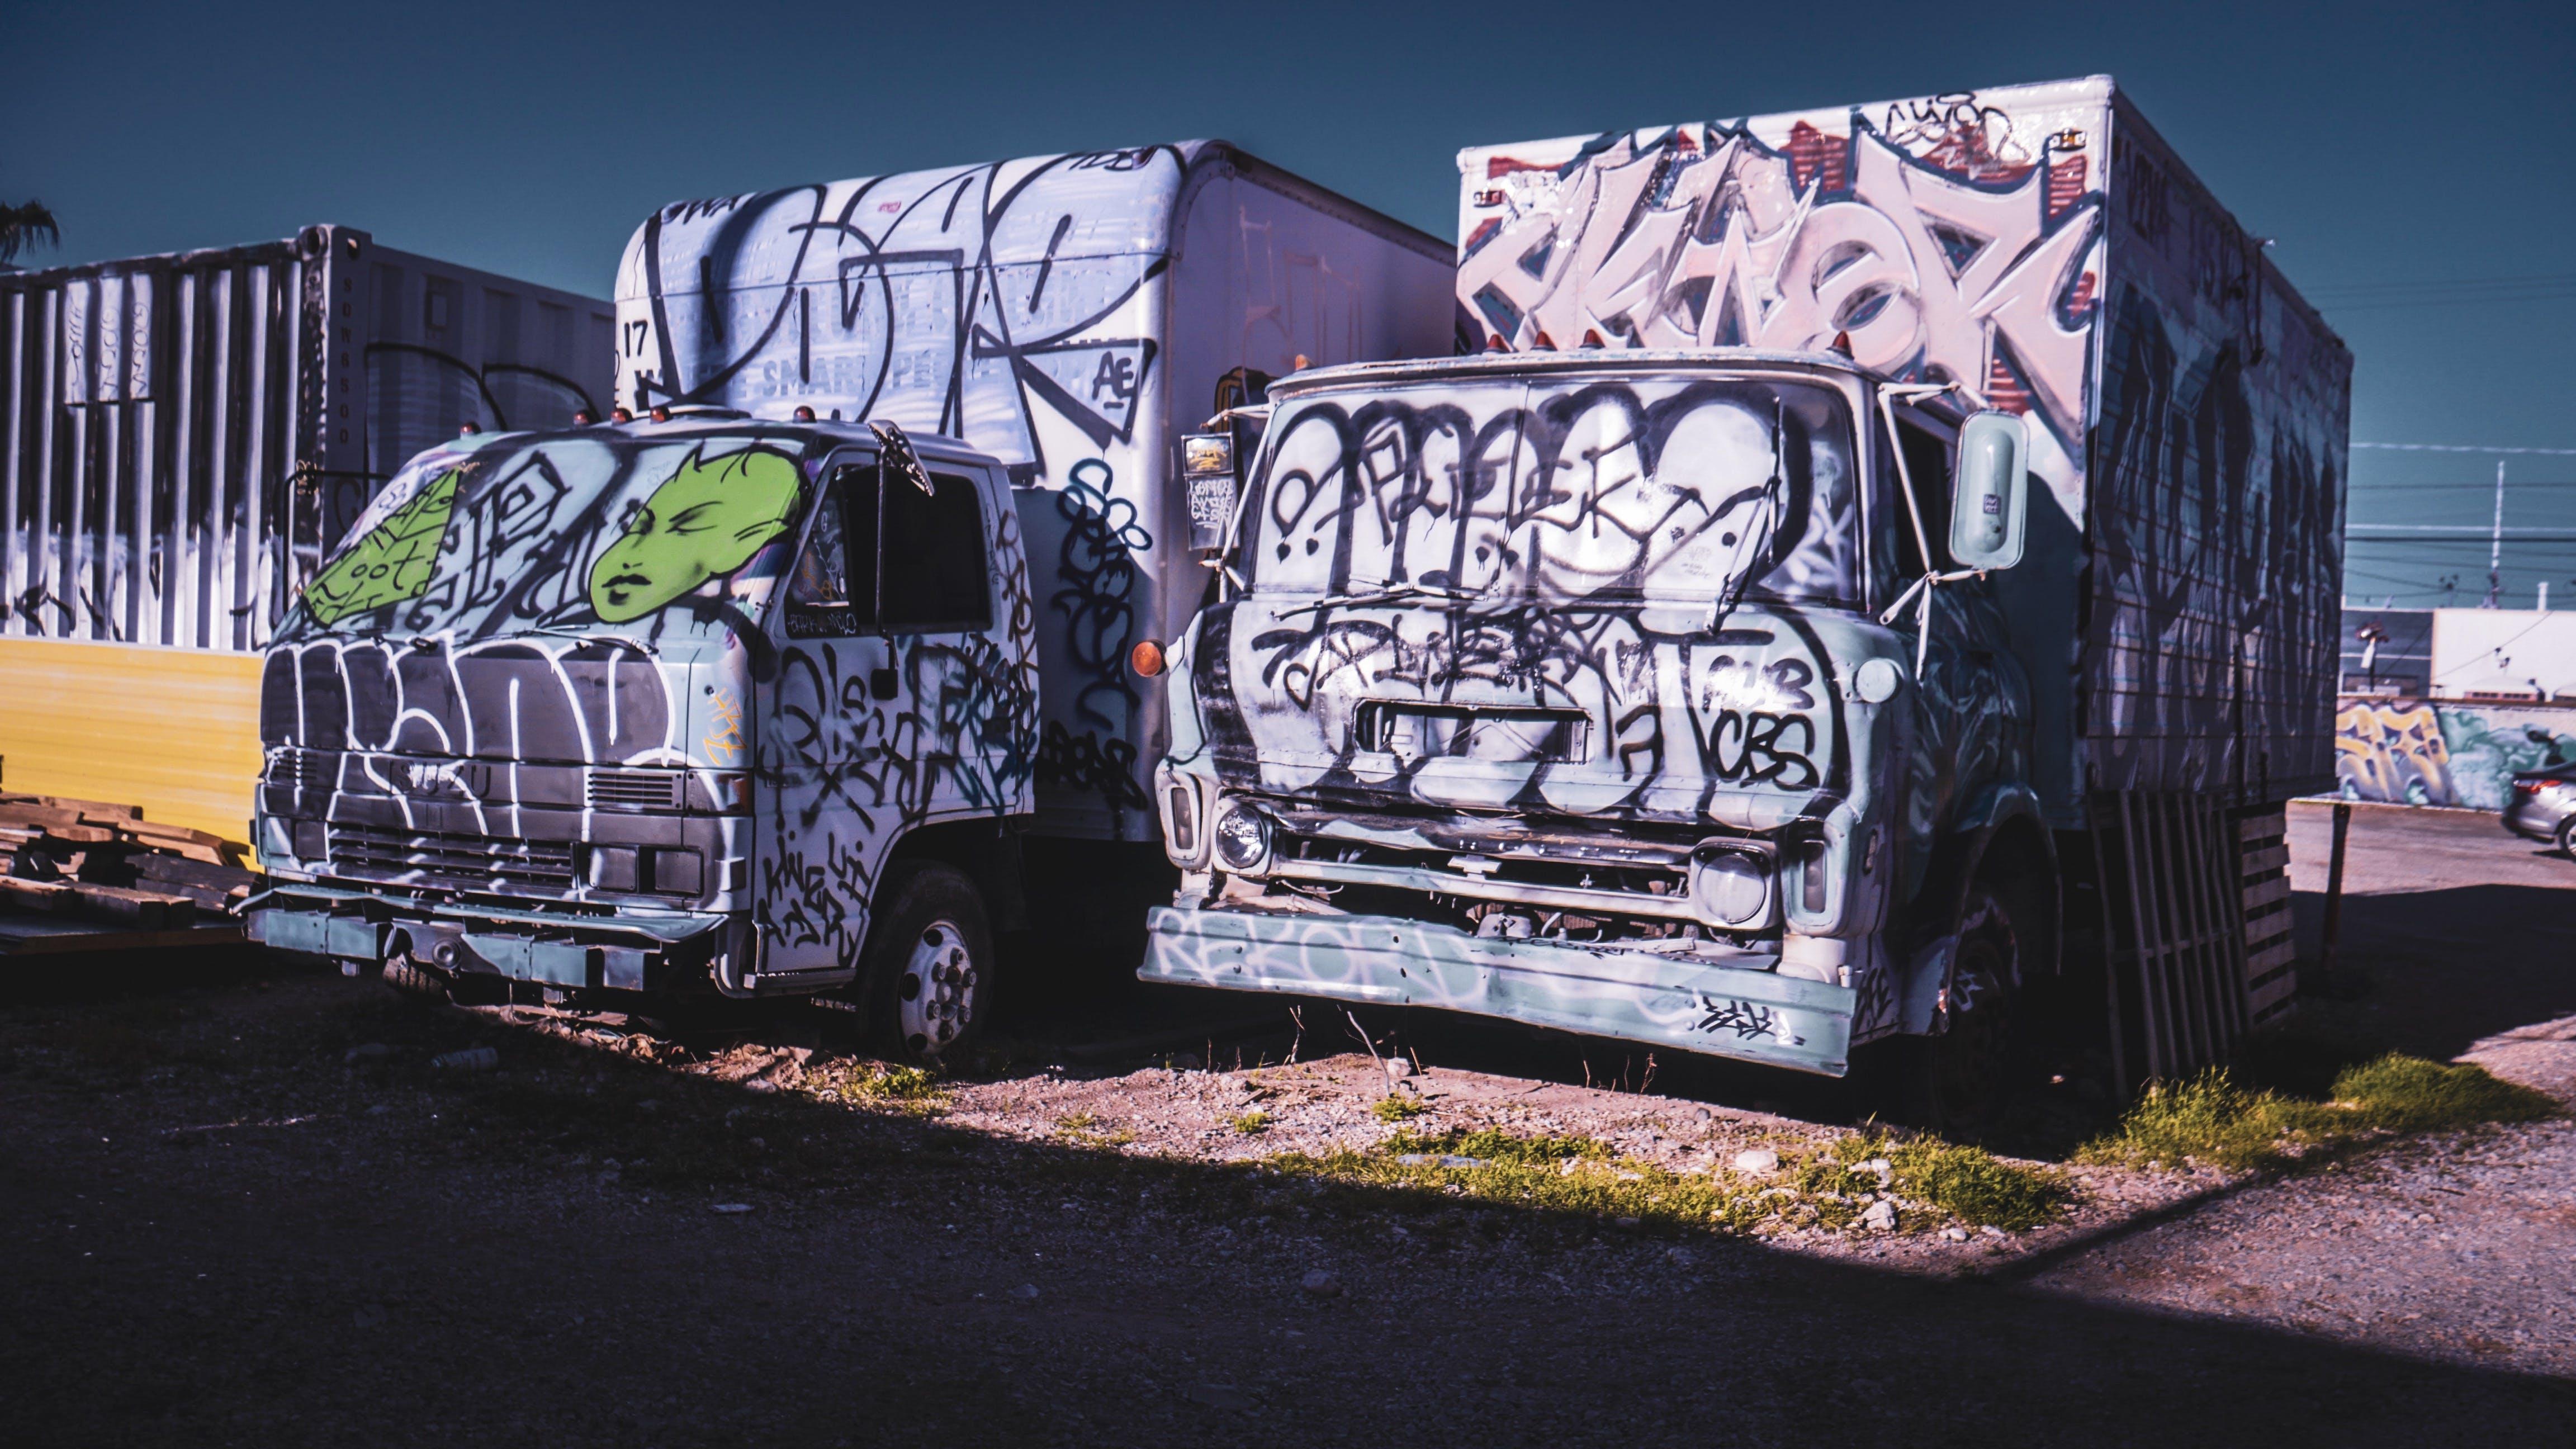 ストリートアート, トラック, 乗り物, 破壊行為の無料の写真素材